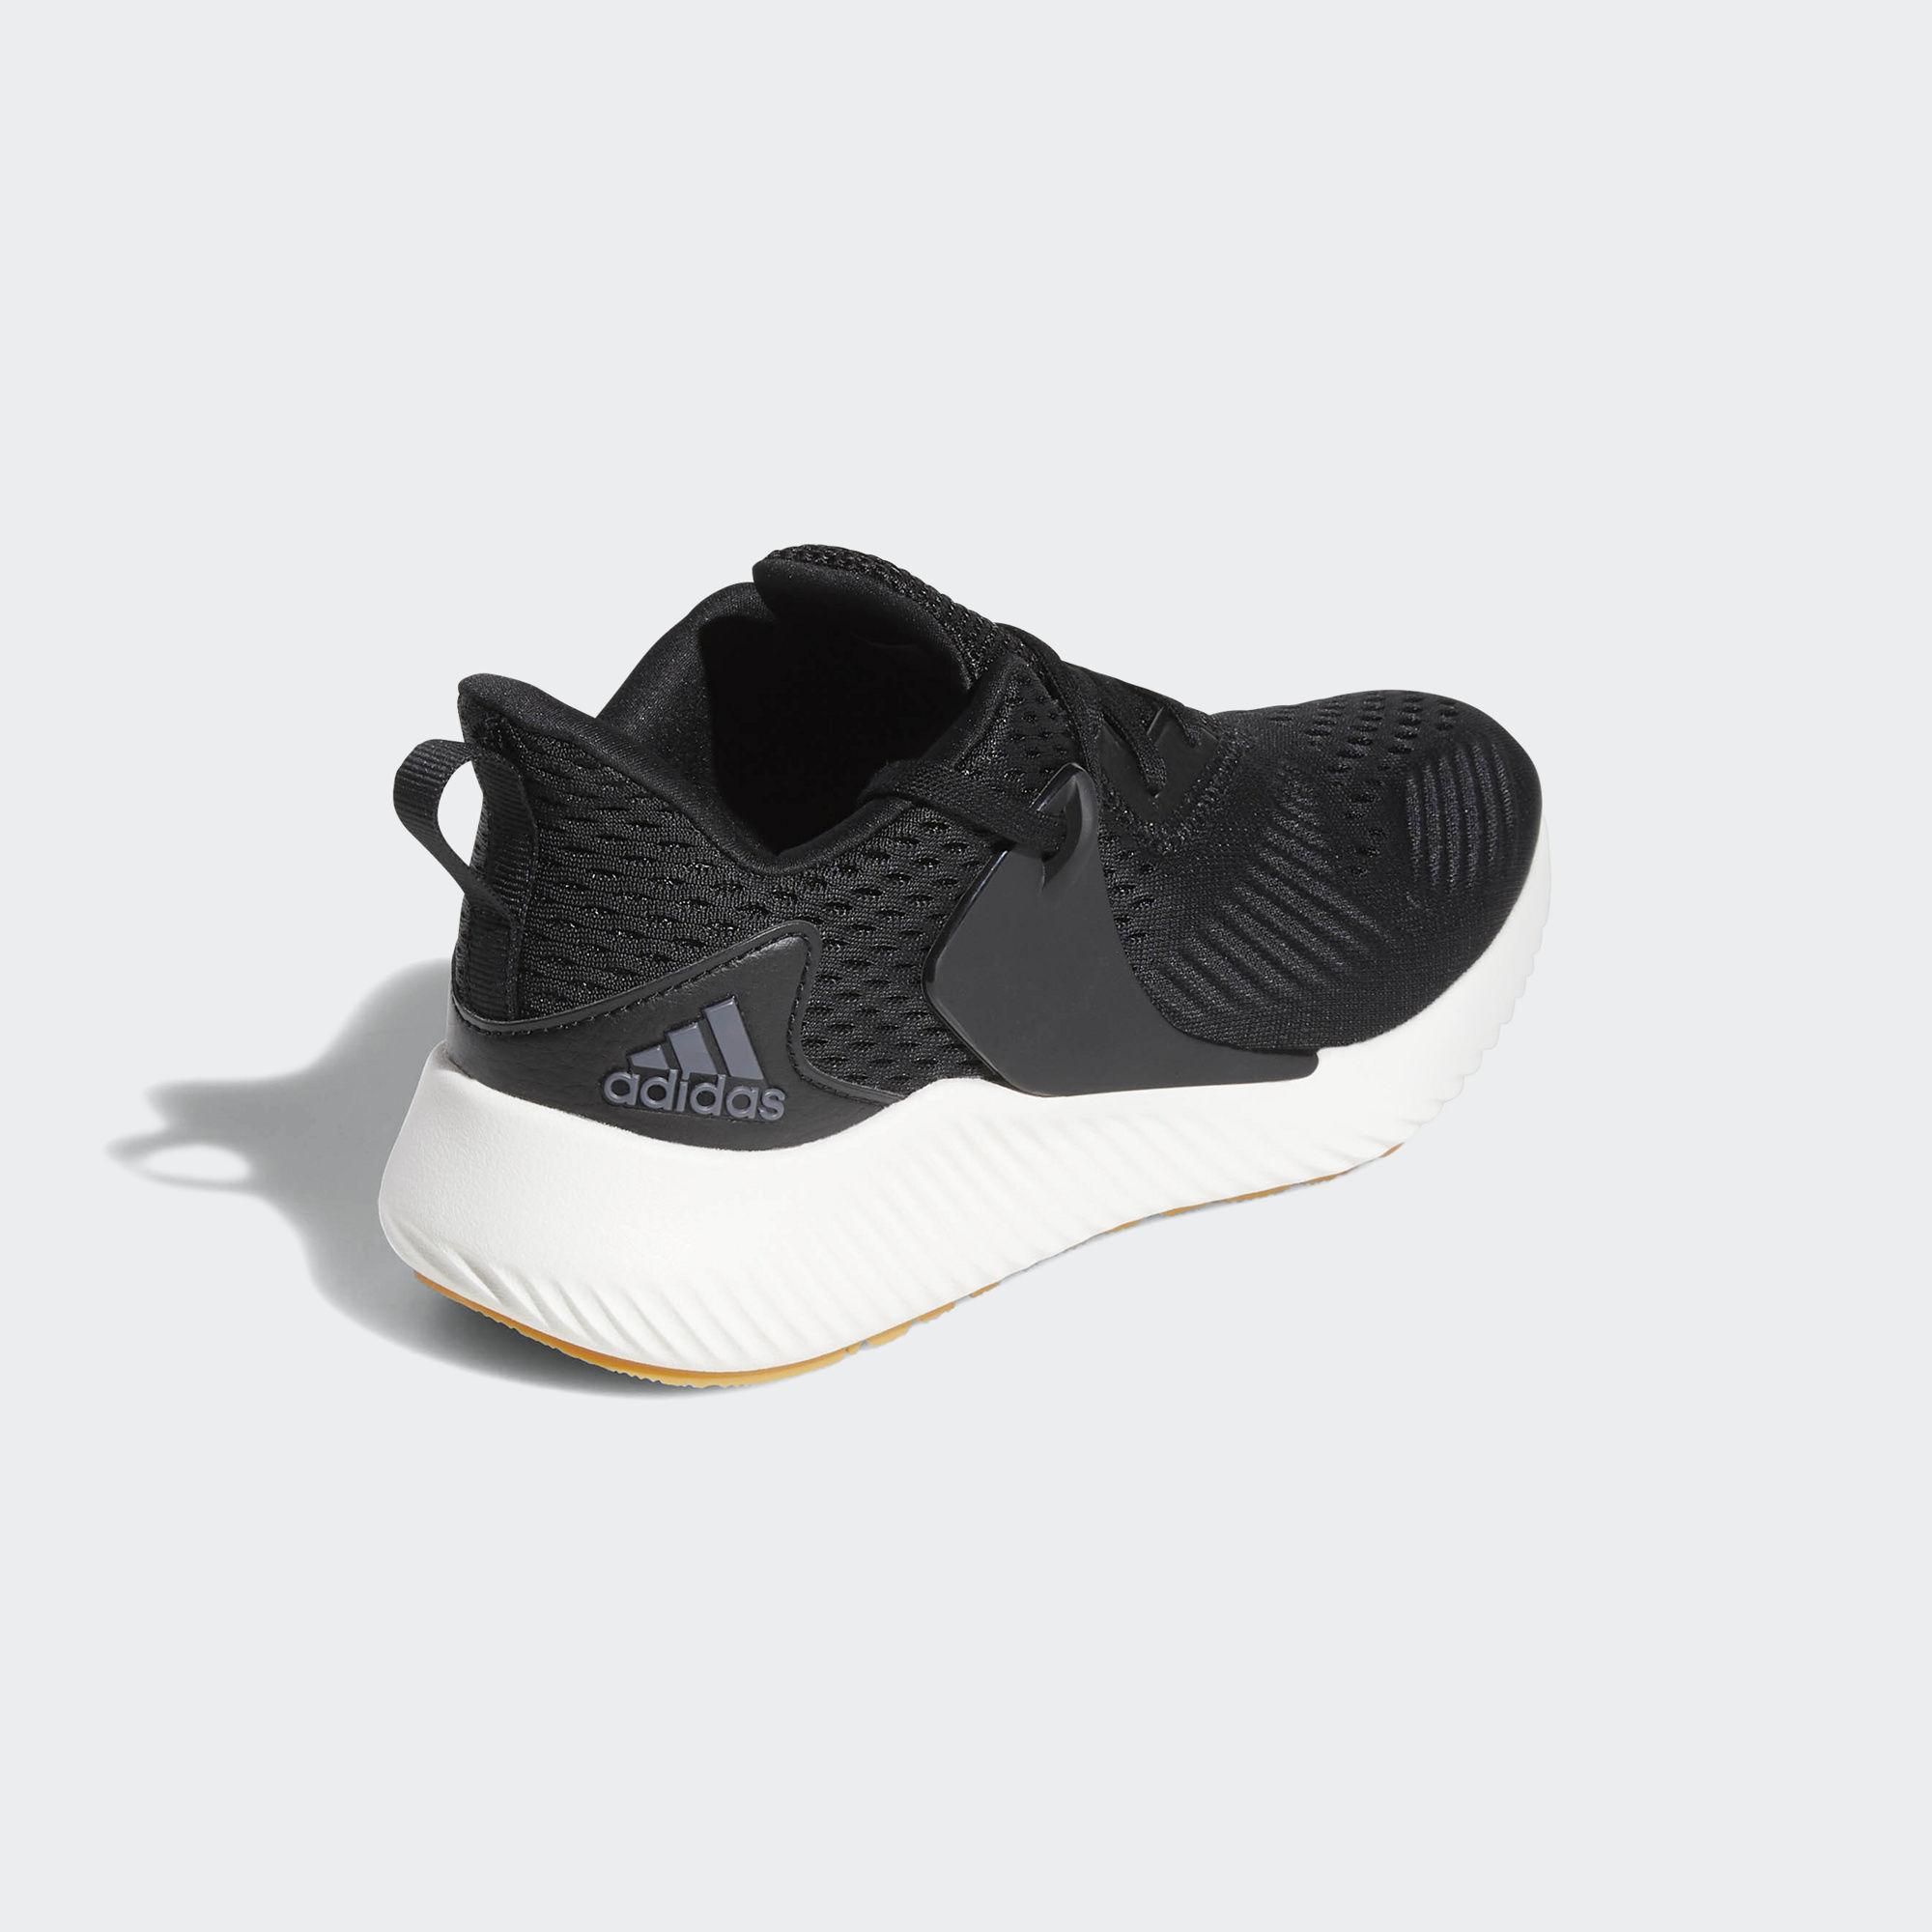 Adidas Laufschuhe Damen Damen Damen Core schwarz   Night Met.   Core schwarz im Online Shop von SportScheck kaufen Gute Qualität beliebte Schuhe 13cf9f